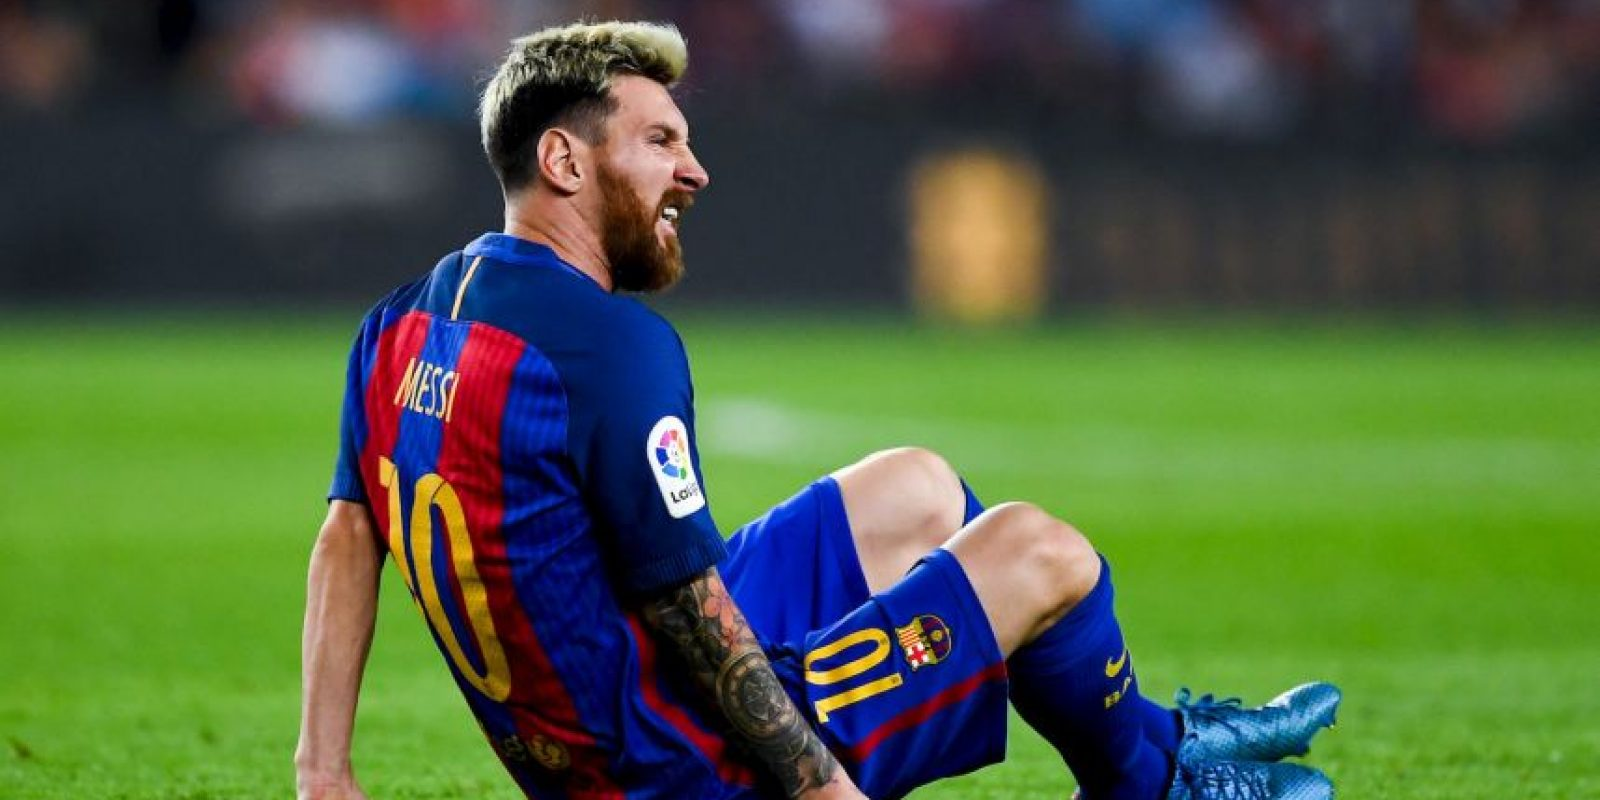 """La """"Pulga"""" volverá a tocar el balón 21 días de su lesión. Foto:Getty Images"""